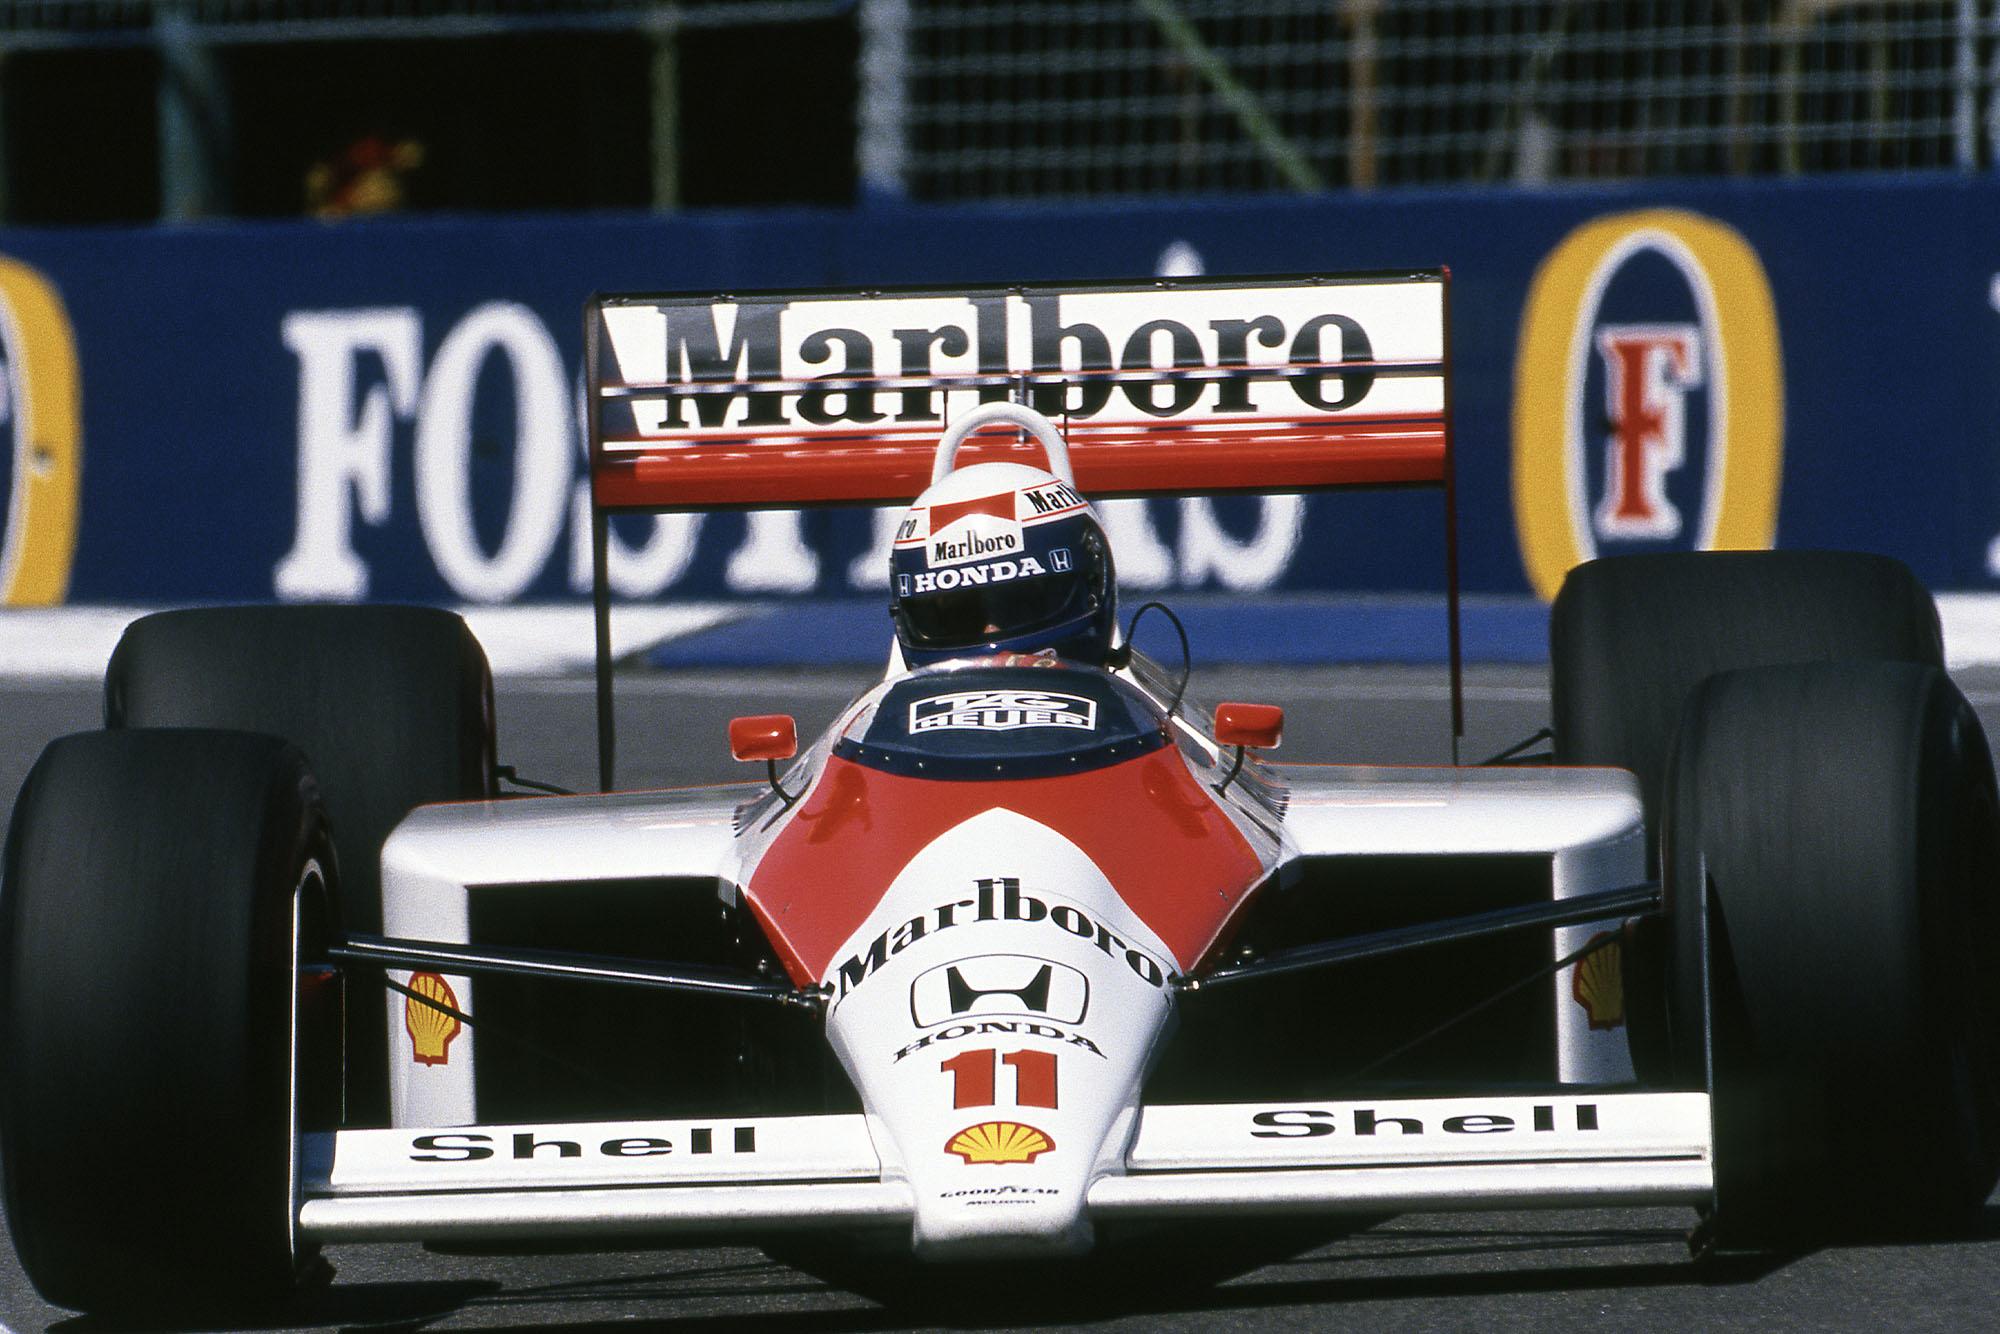 1988 AUS GP Prost